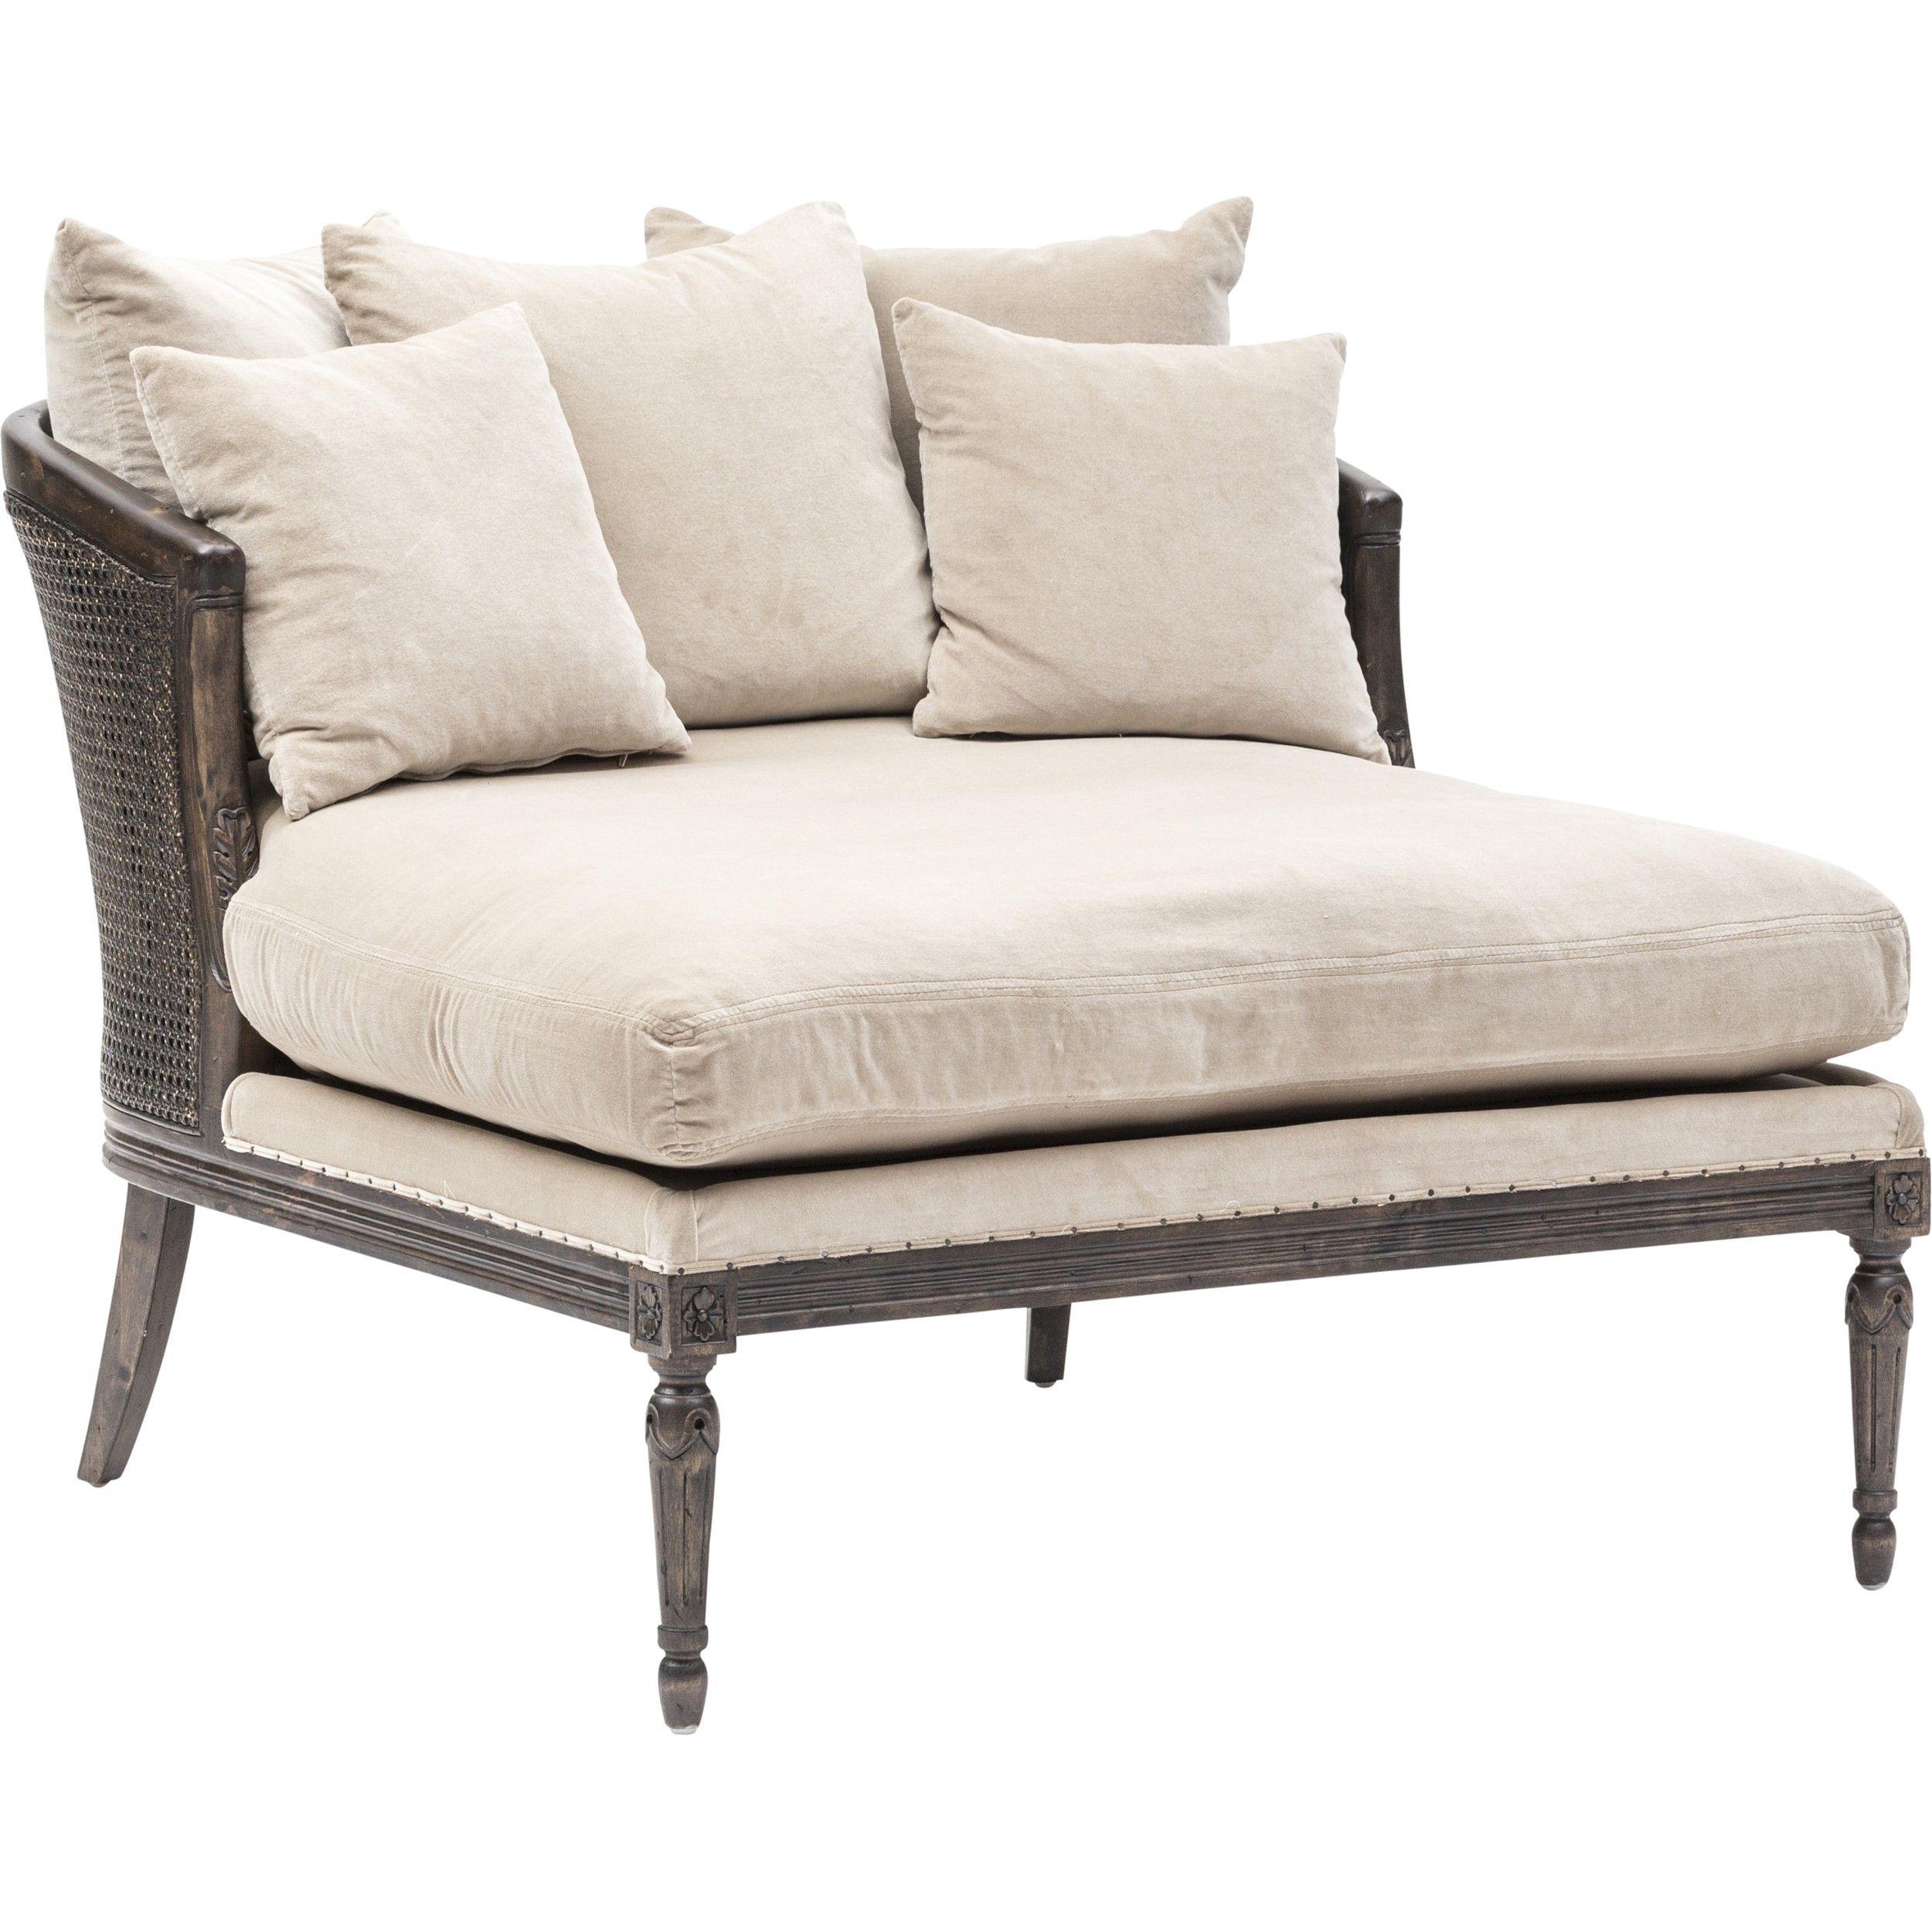 Vail Chaise Lounge, Ocean Tuffet $1,499.00